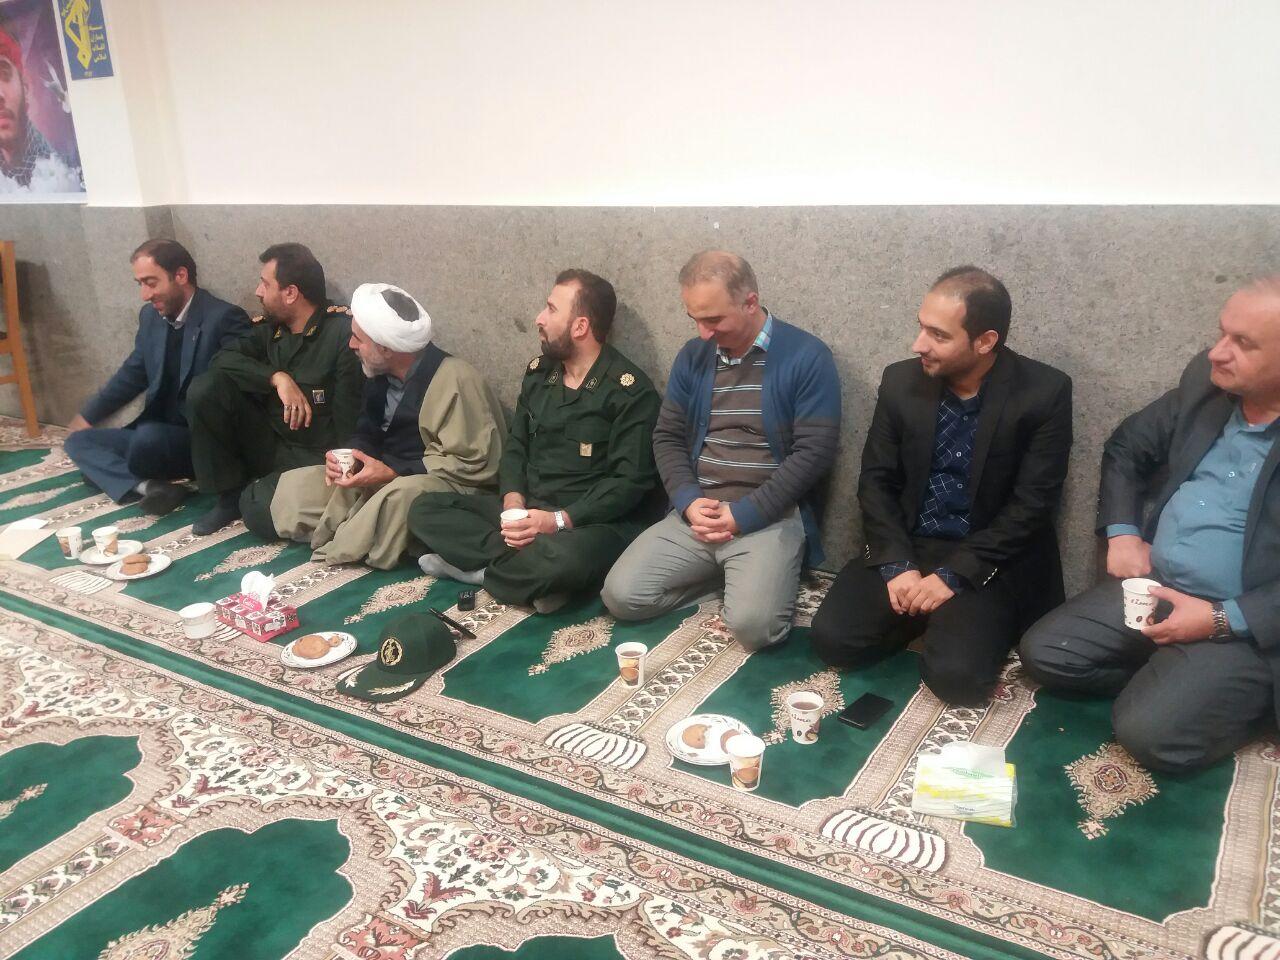 برگزاری همایش روز بسیج مستضعفین در اداره گاز شهرستان لاهیجان